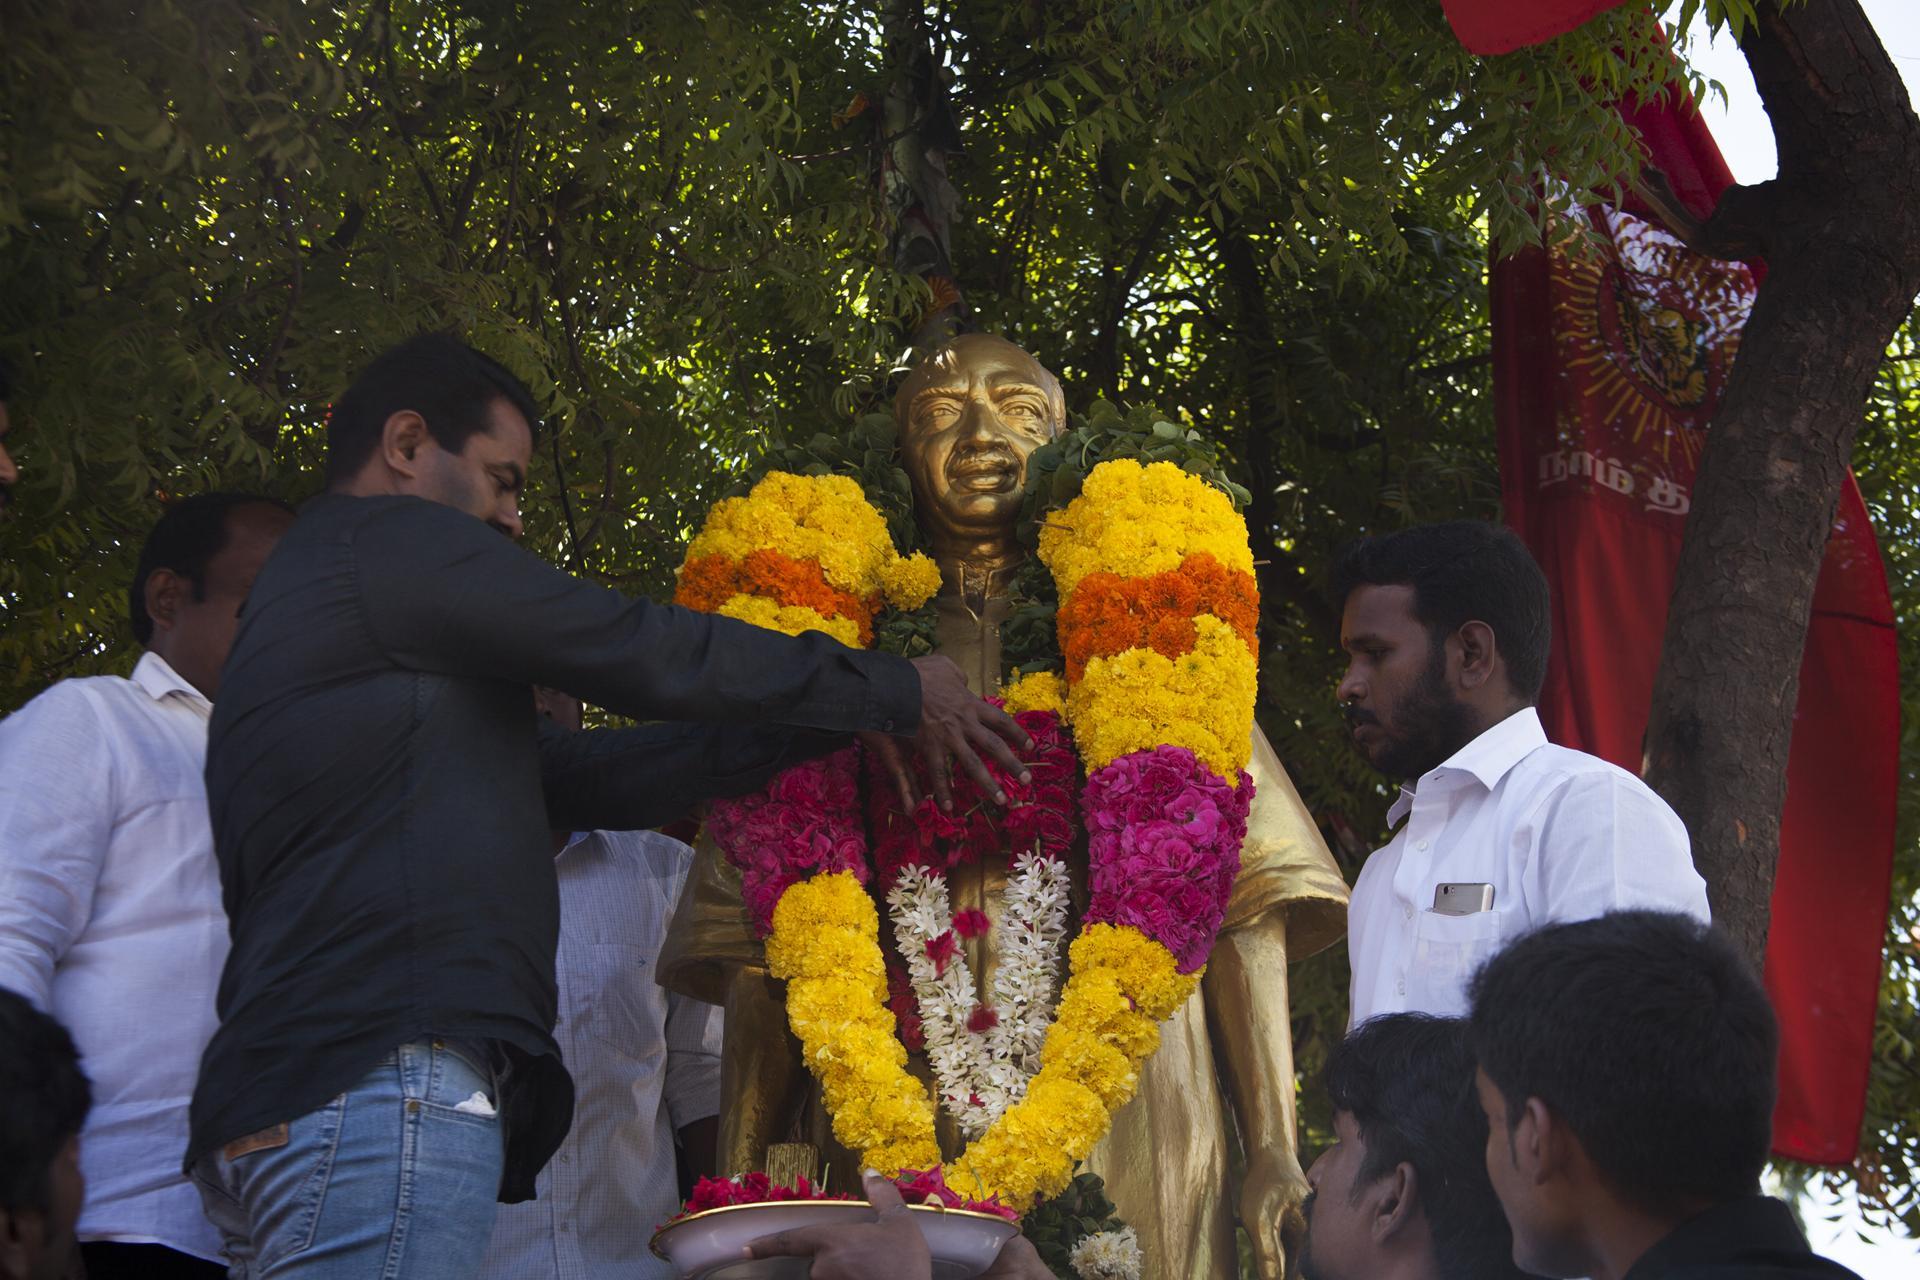 செய்தி: பெருந்தலைவர் காமராசர் 42ஆம் ஆண்டு நினைவுநாள் – சீமான் மலர்வணக்கம் | naam tamilar katchi seeman paying floral tributes kamarajar 42nd death anniversary1 1